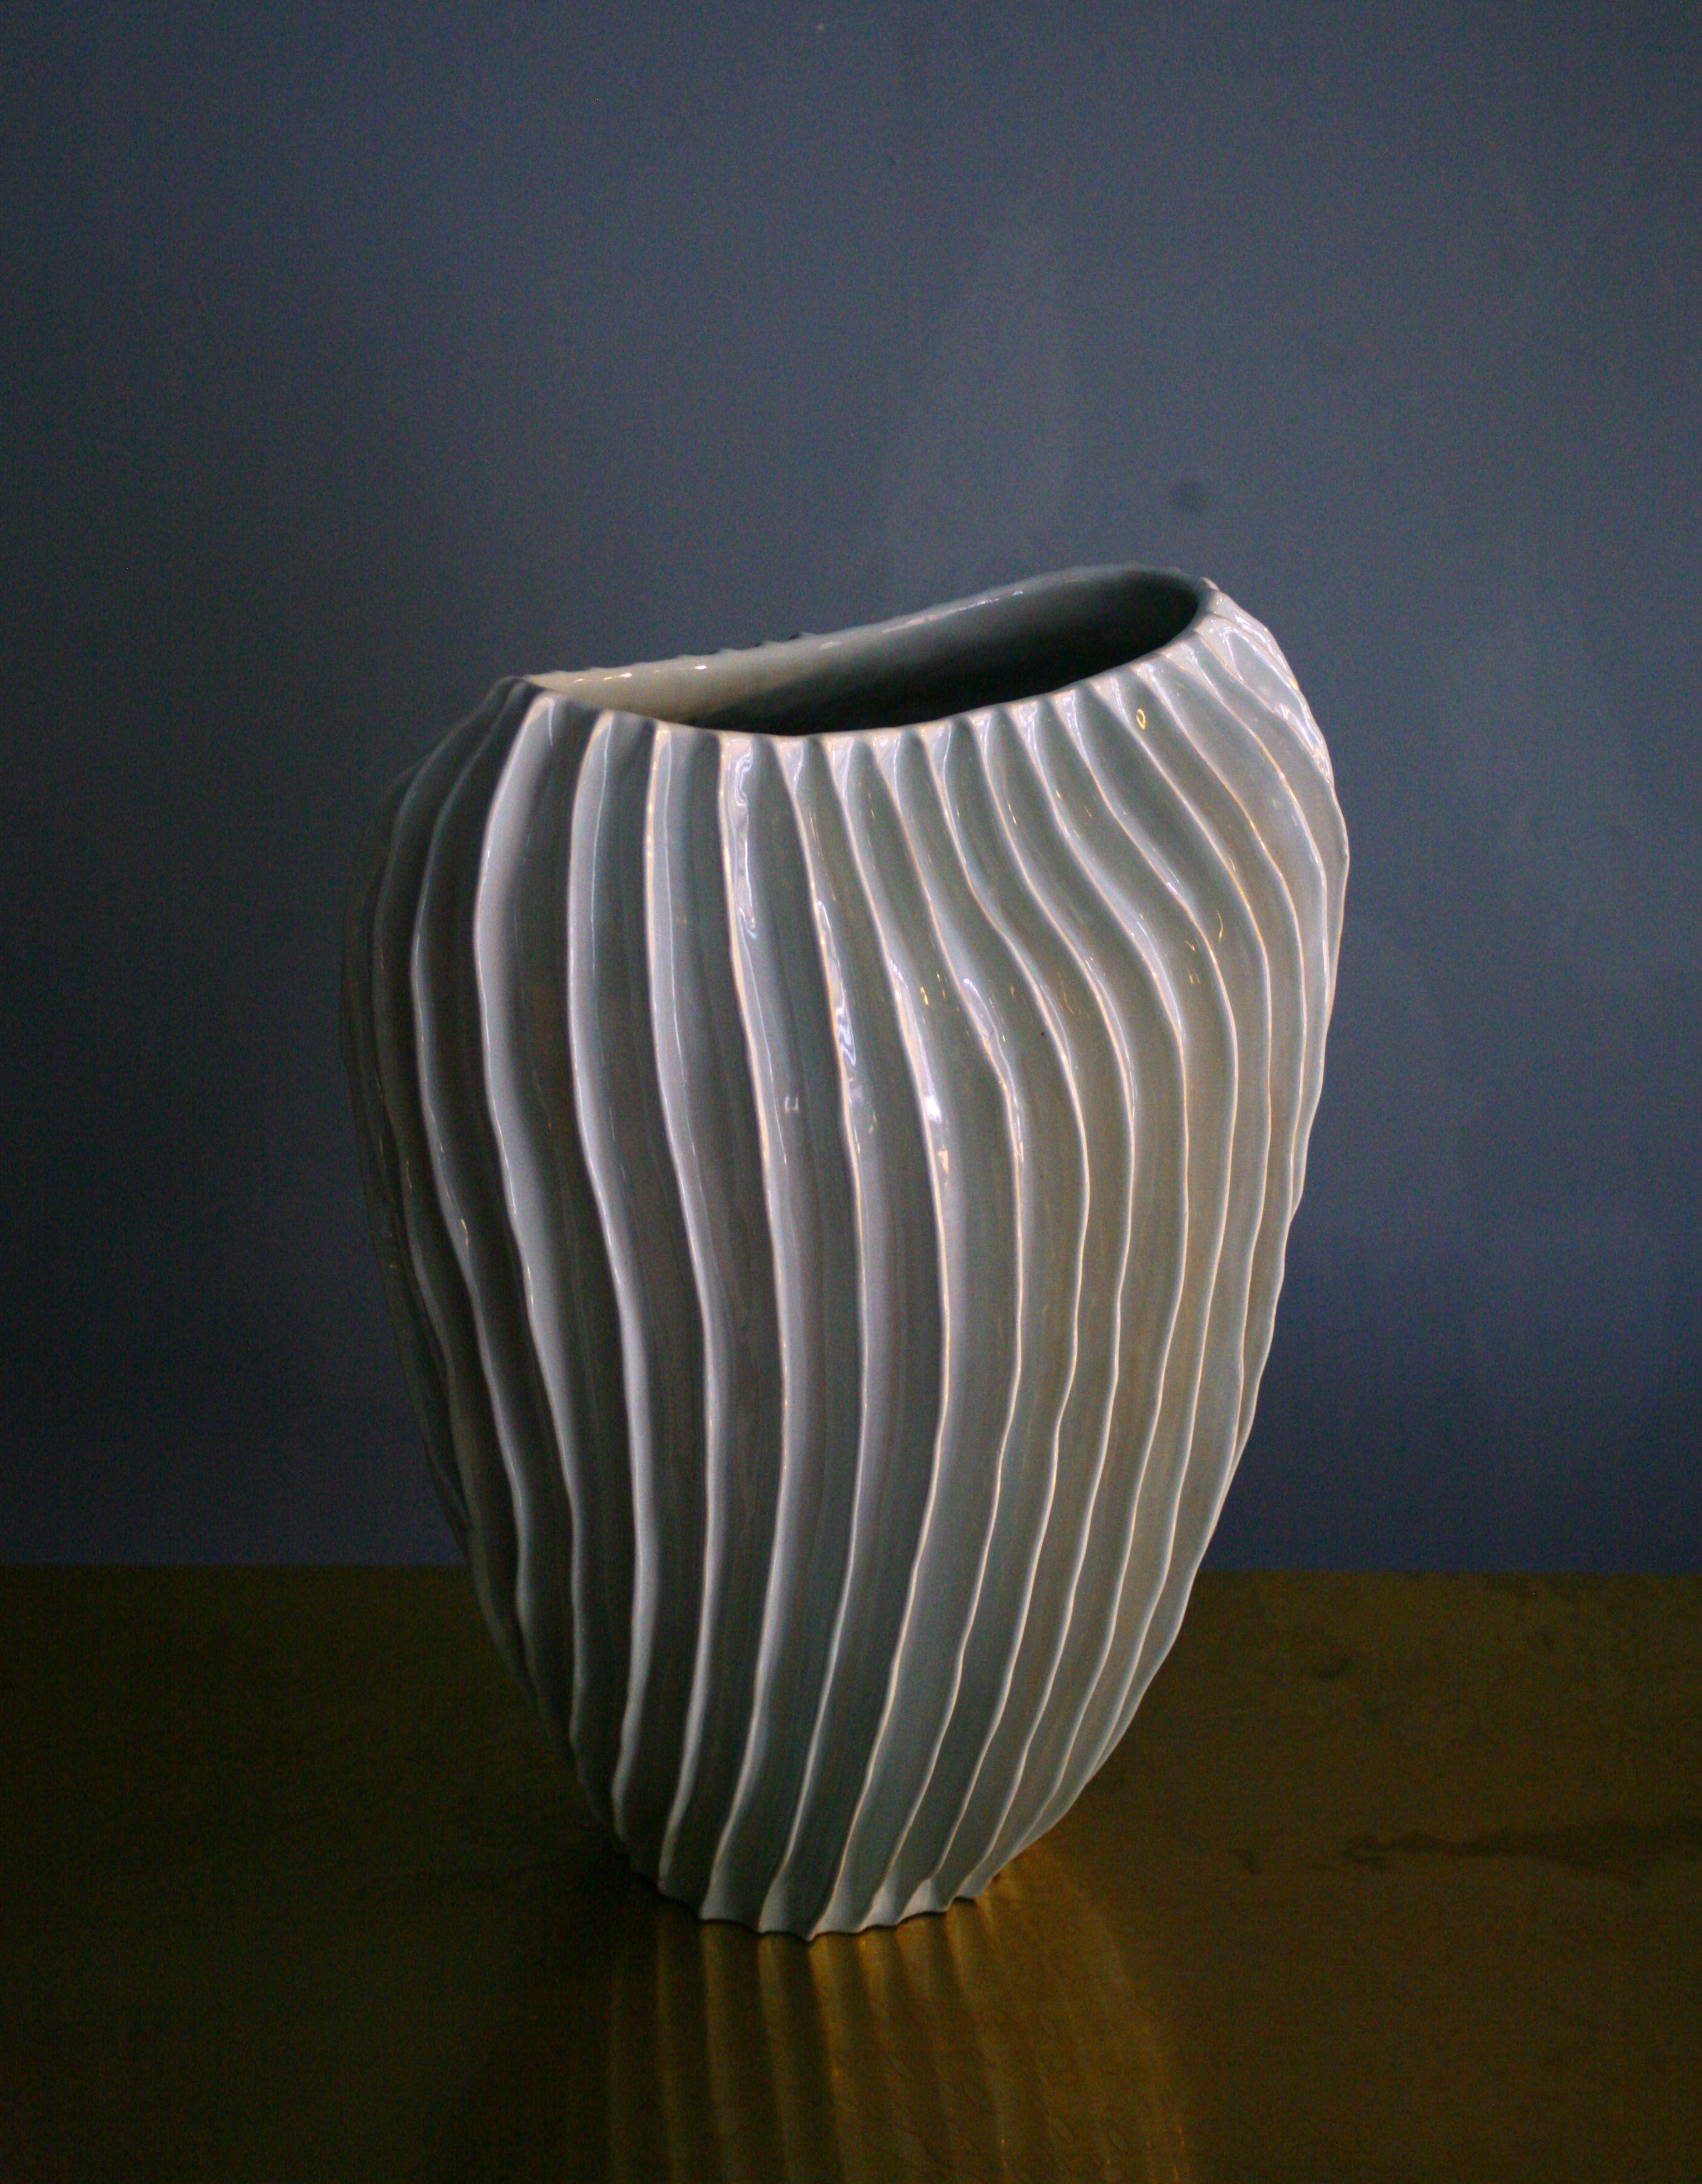 Pin by mattia frignani on ceramic vases by claudia frignani contemporary ceramics reviewsmspy